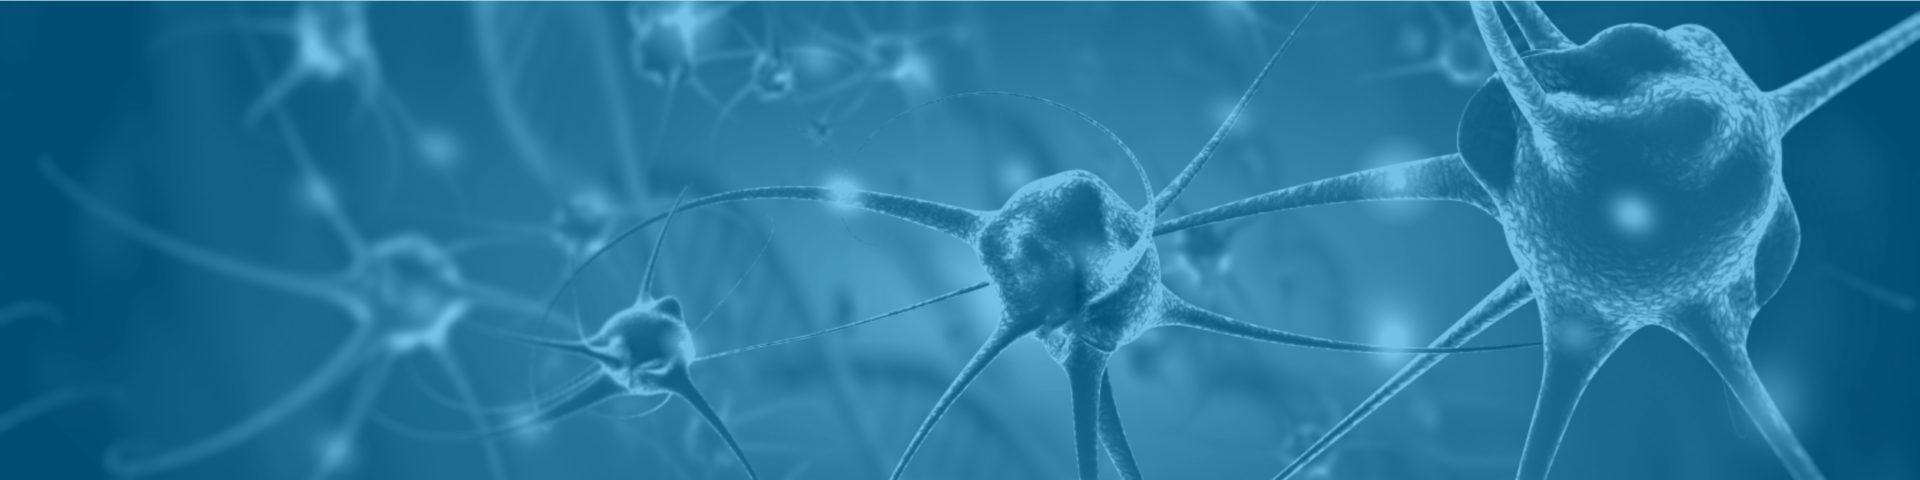 Red de neuronas